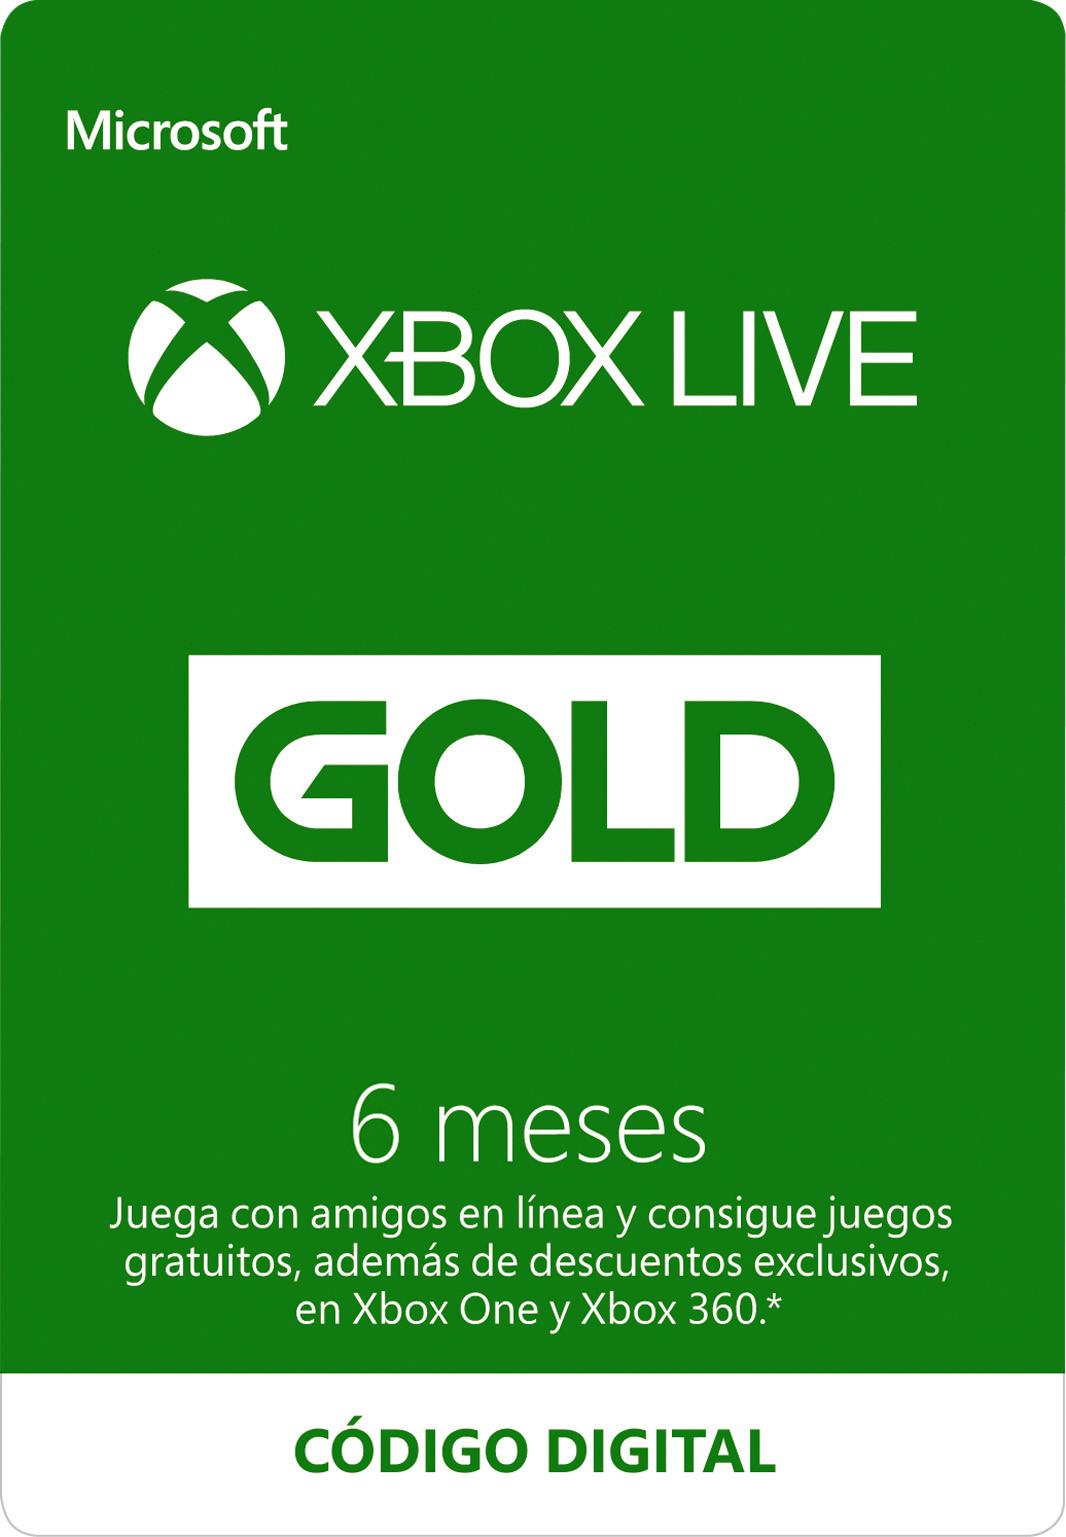 Suscripción a Xbox Live Gold de 6 meses (código digital)